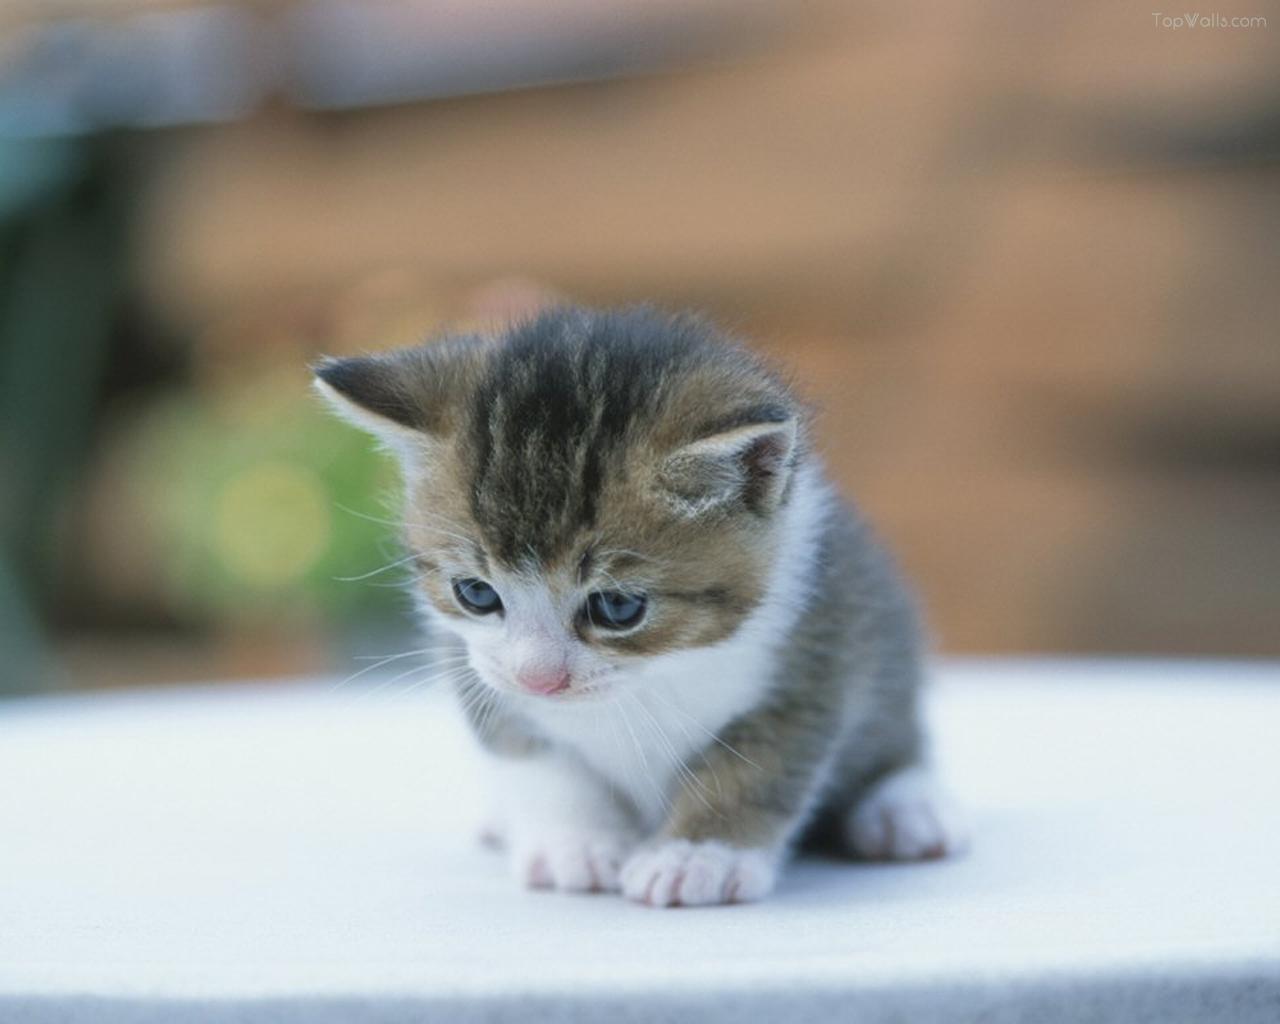 gambar kucing - gambar kucing lucu